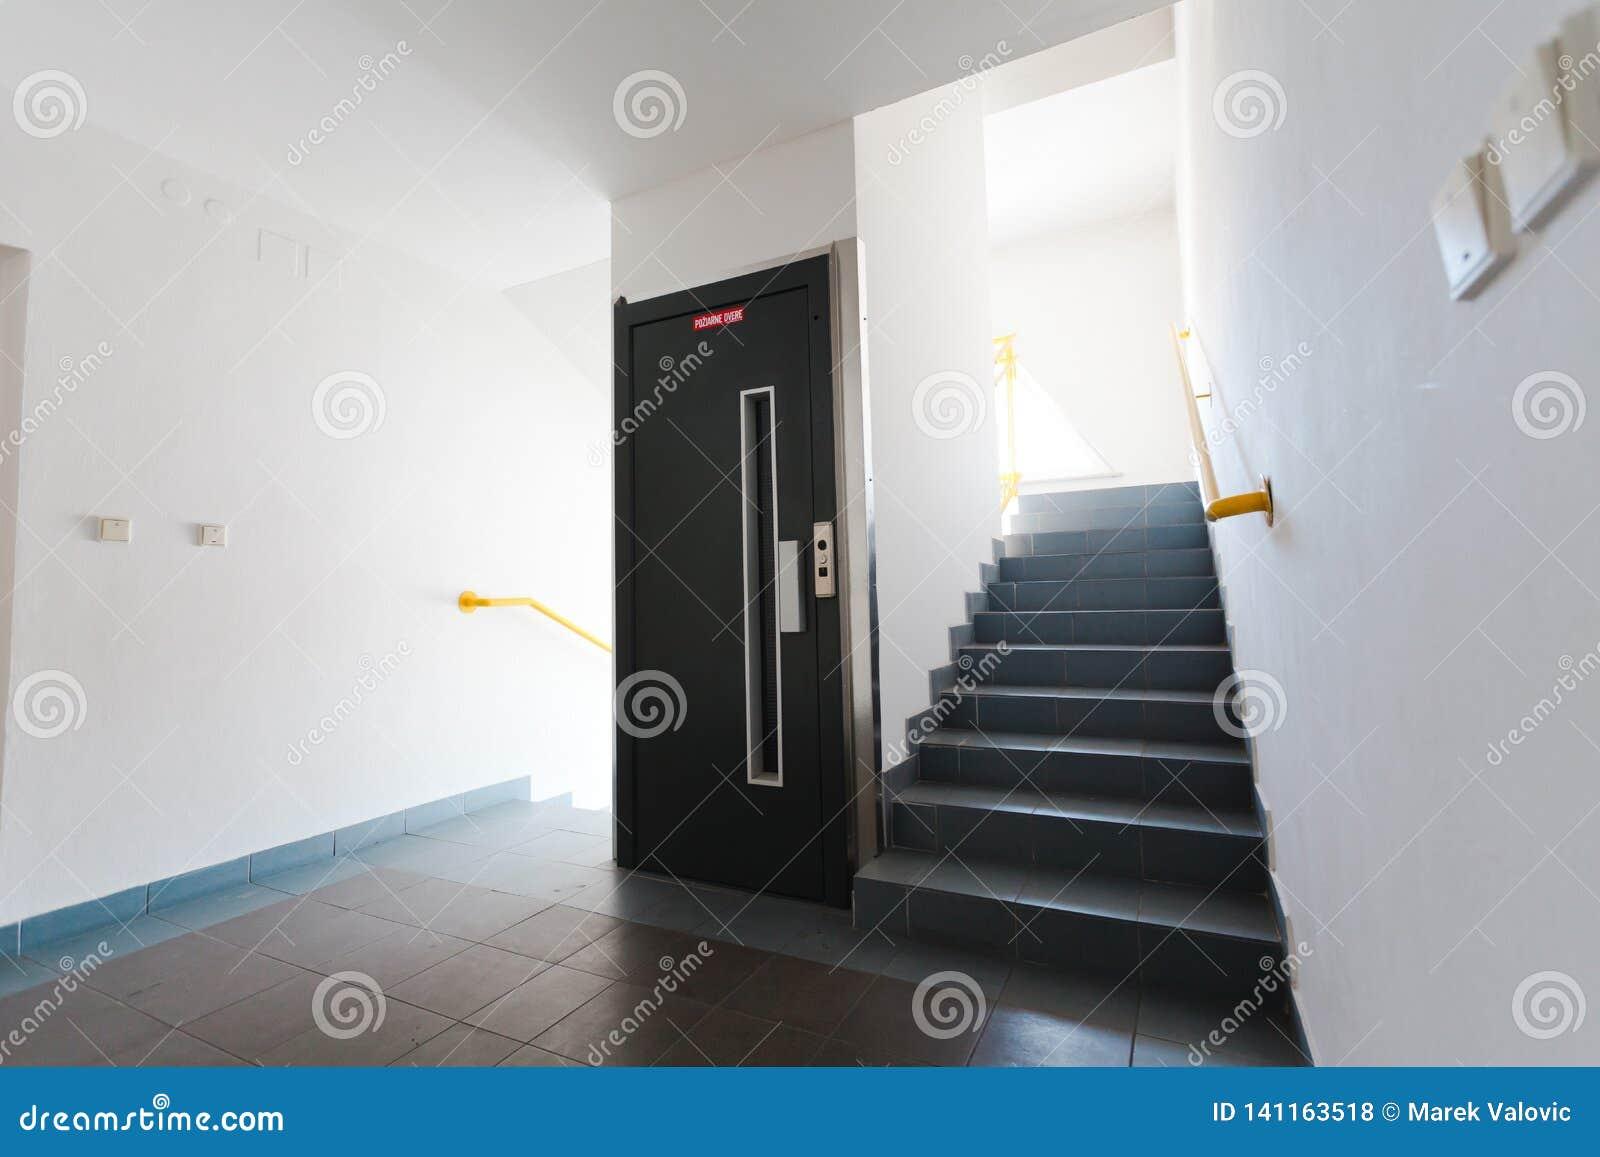 Elevatordörr och trappuppgång - vita väggar och ljust fönster